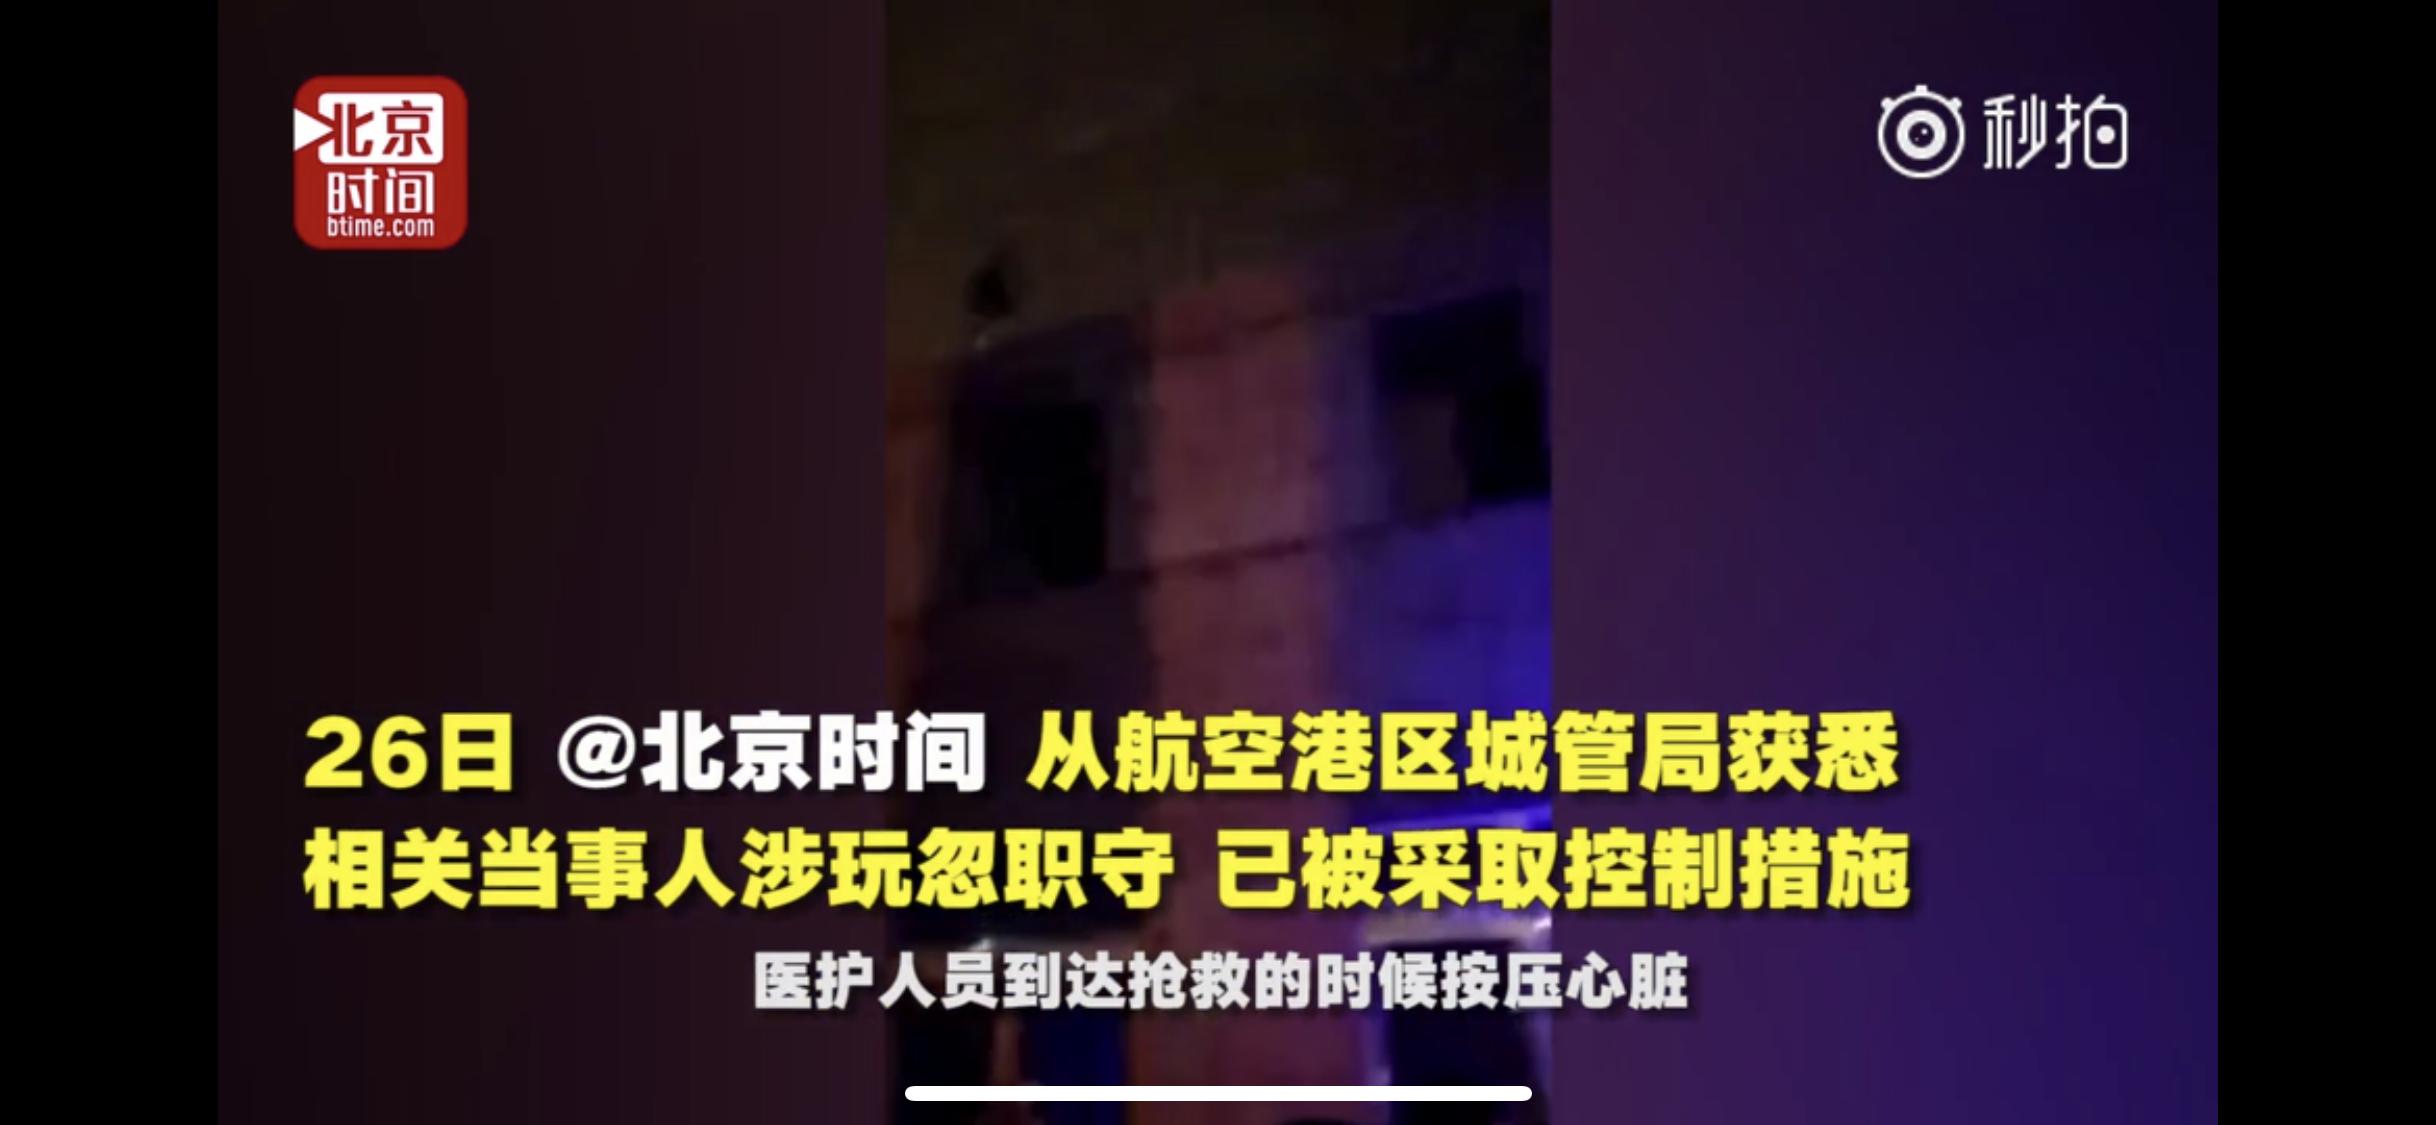 郑州城管抽梯执法致工人坠亡究竟错在哪?